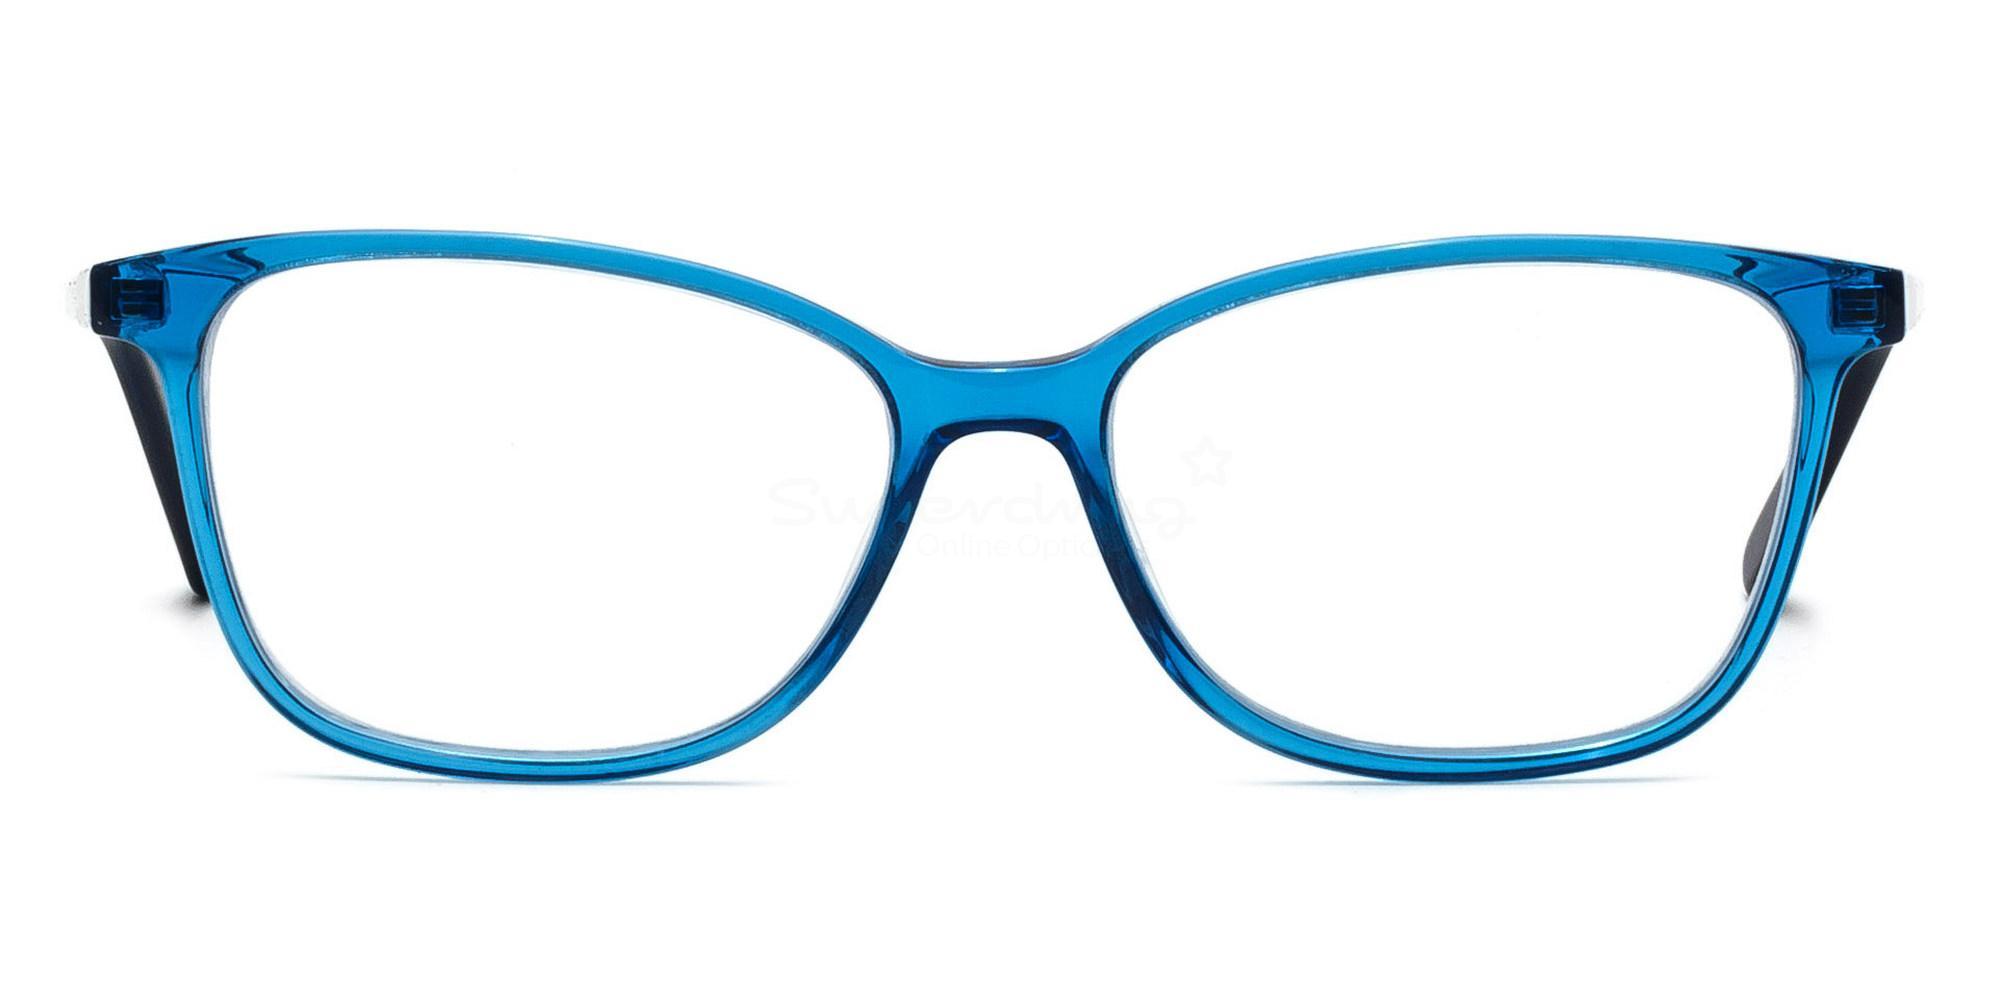 C3 DL69 Glasses, Indium